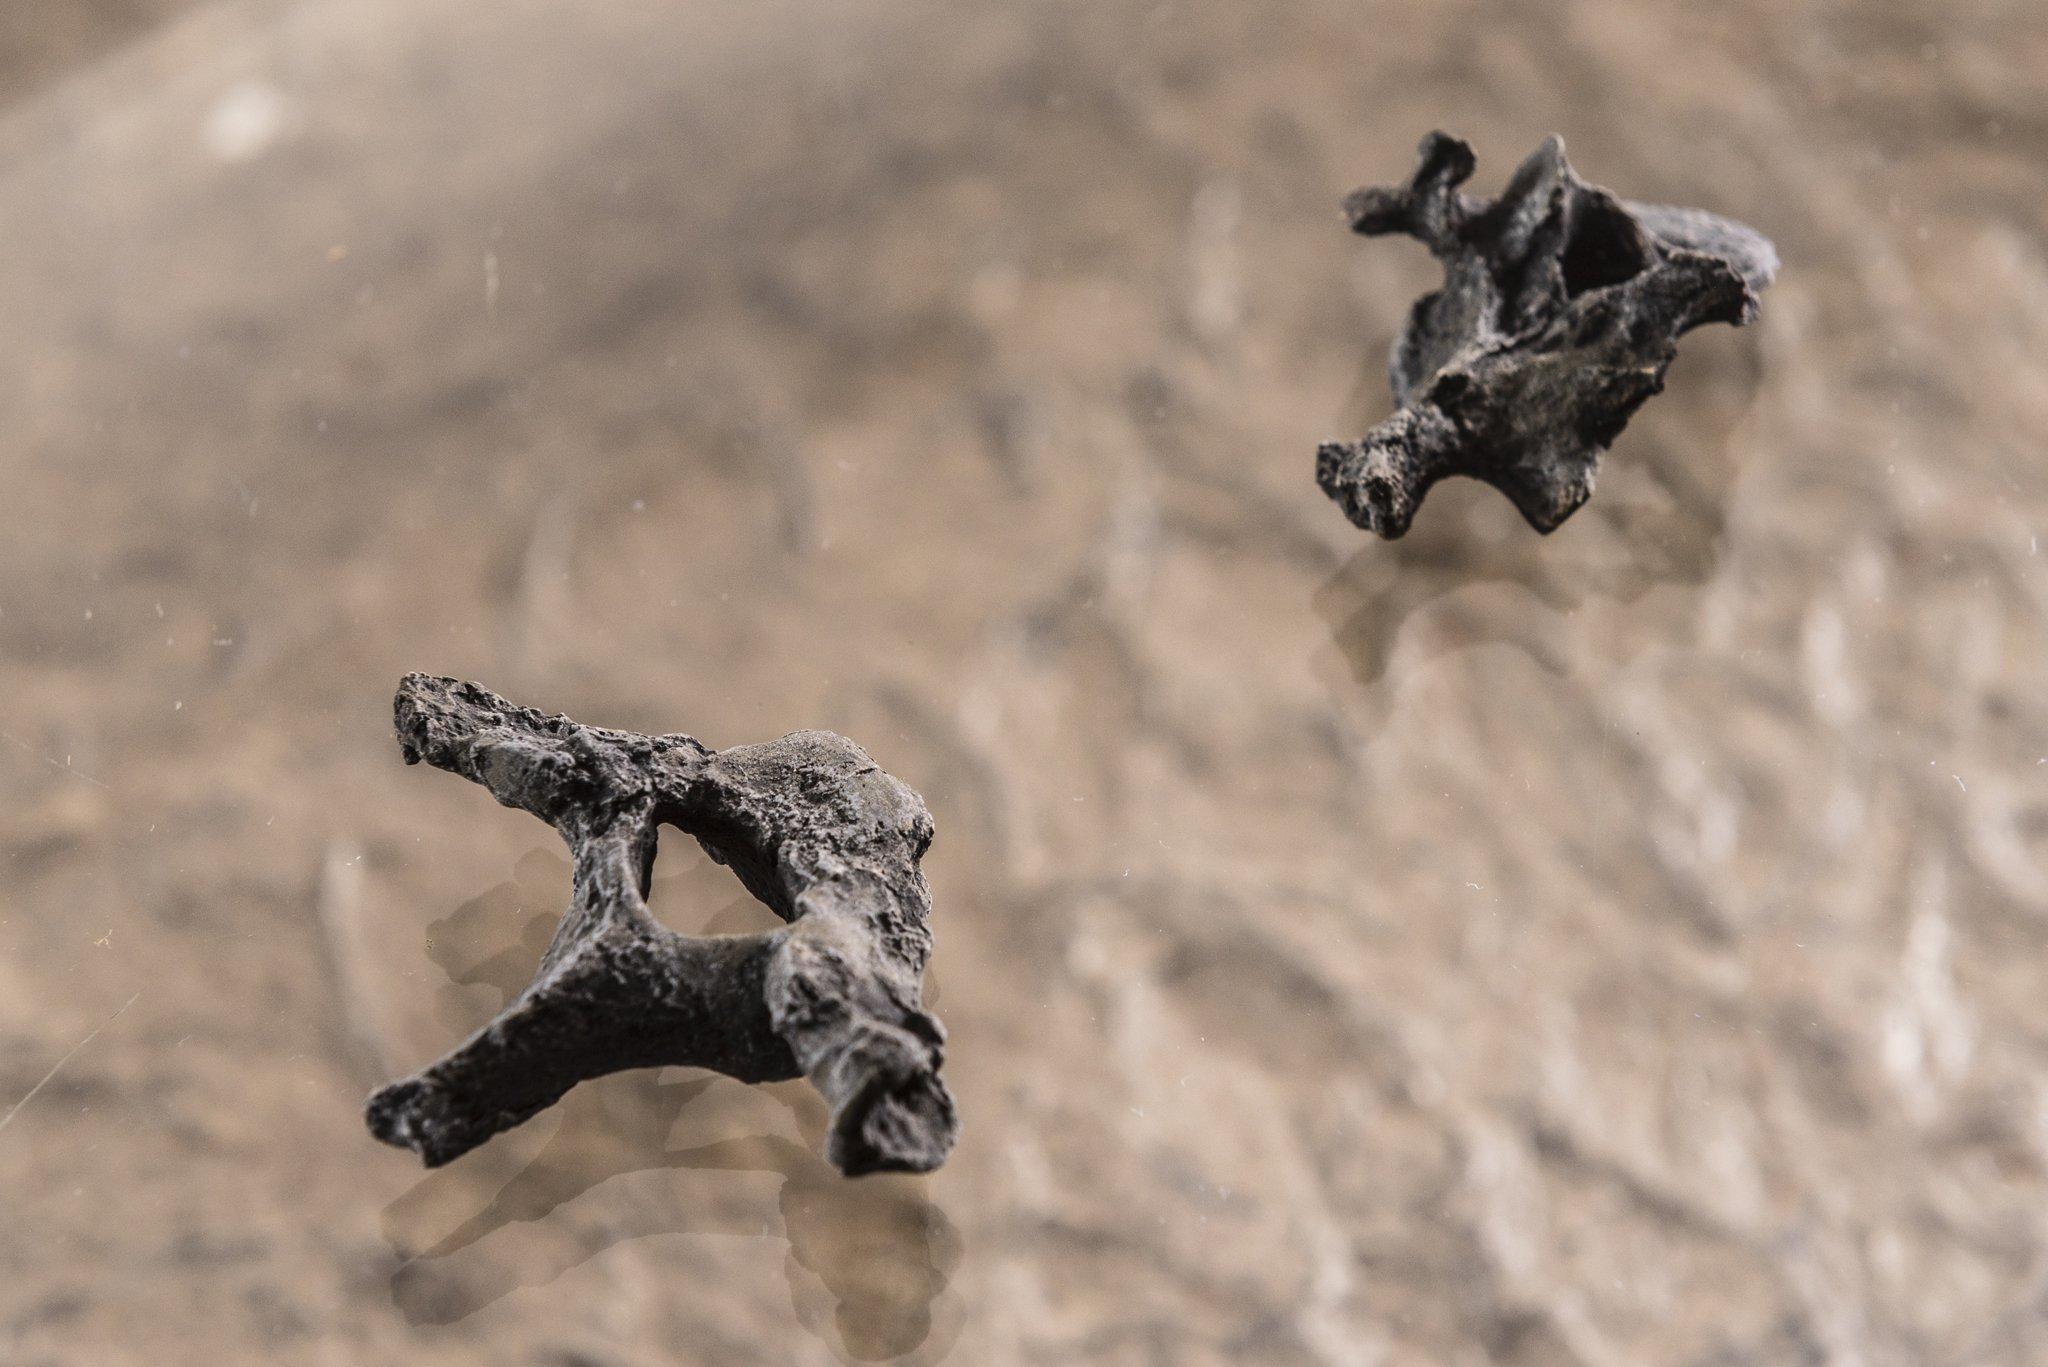 Abgebildet sind die beiden gefundenen Brustwirbel von Danuvius – flache Knochen mit drei Spitzen an der Seite und einem Loch in der Mitte. Die Form der Wirbel zeigt den Paläoanthropologen, dass der Urzeit-Affe einen breiten Brustkorb besaß, und das wiederum ist ein Indiz für den aufrechten Gang. Denn Menschen haben einen breiteren Brustkorb als Affen.